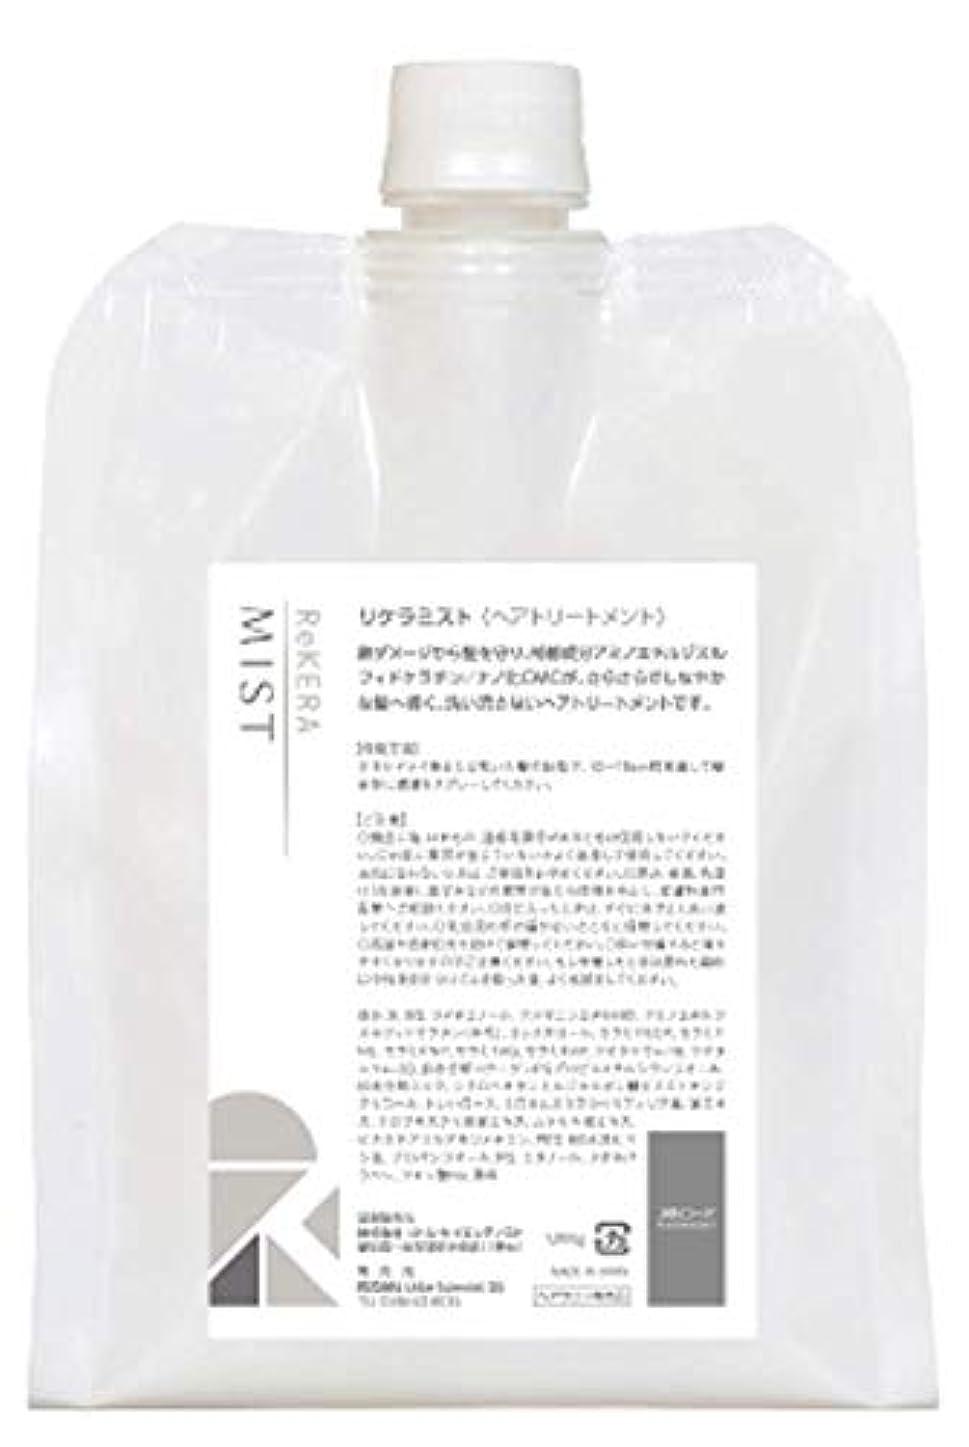 リアル衣装四半期リケラミスト1000g リトルサイエンティスト ベータレイヤーミスト後継商品